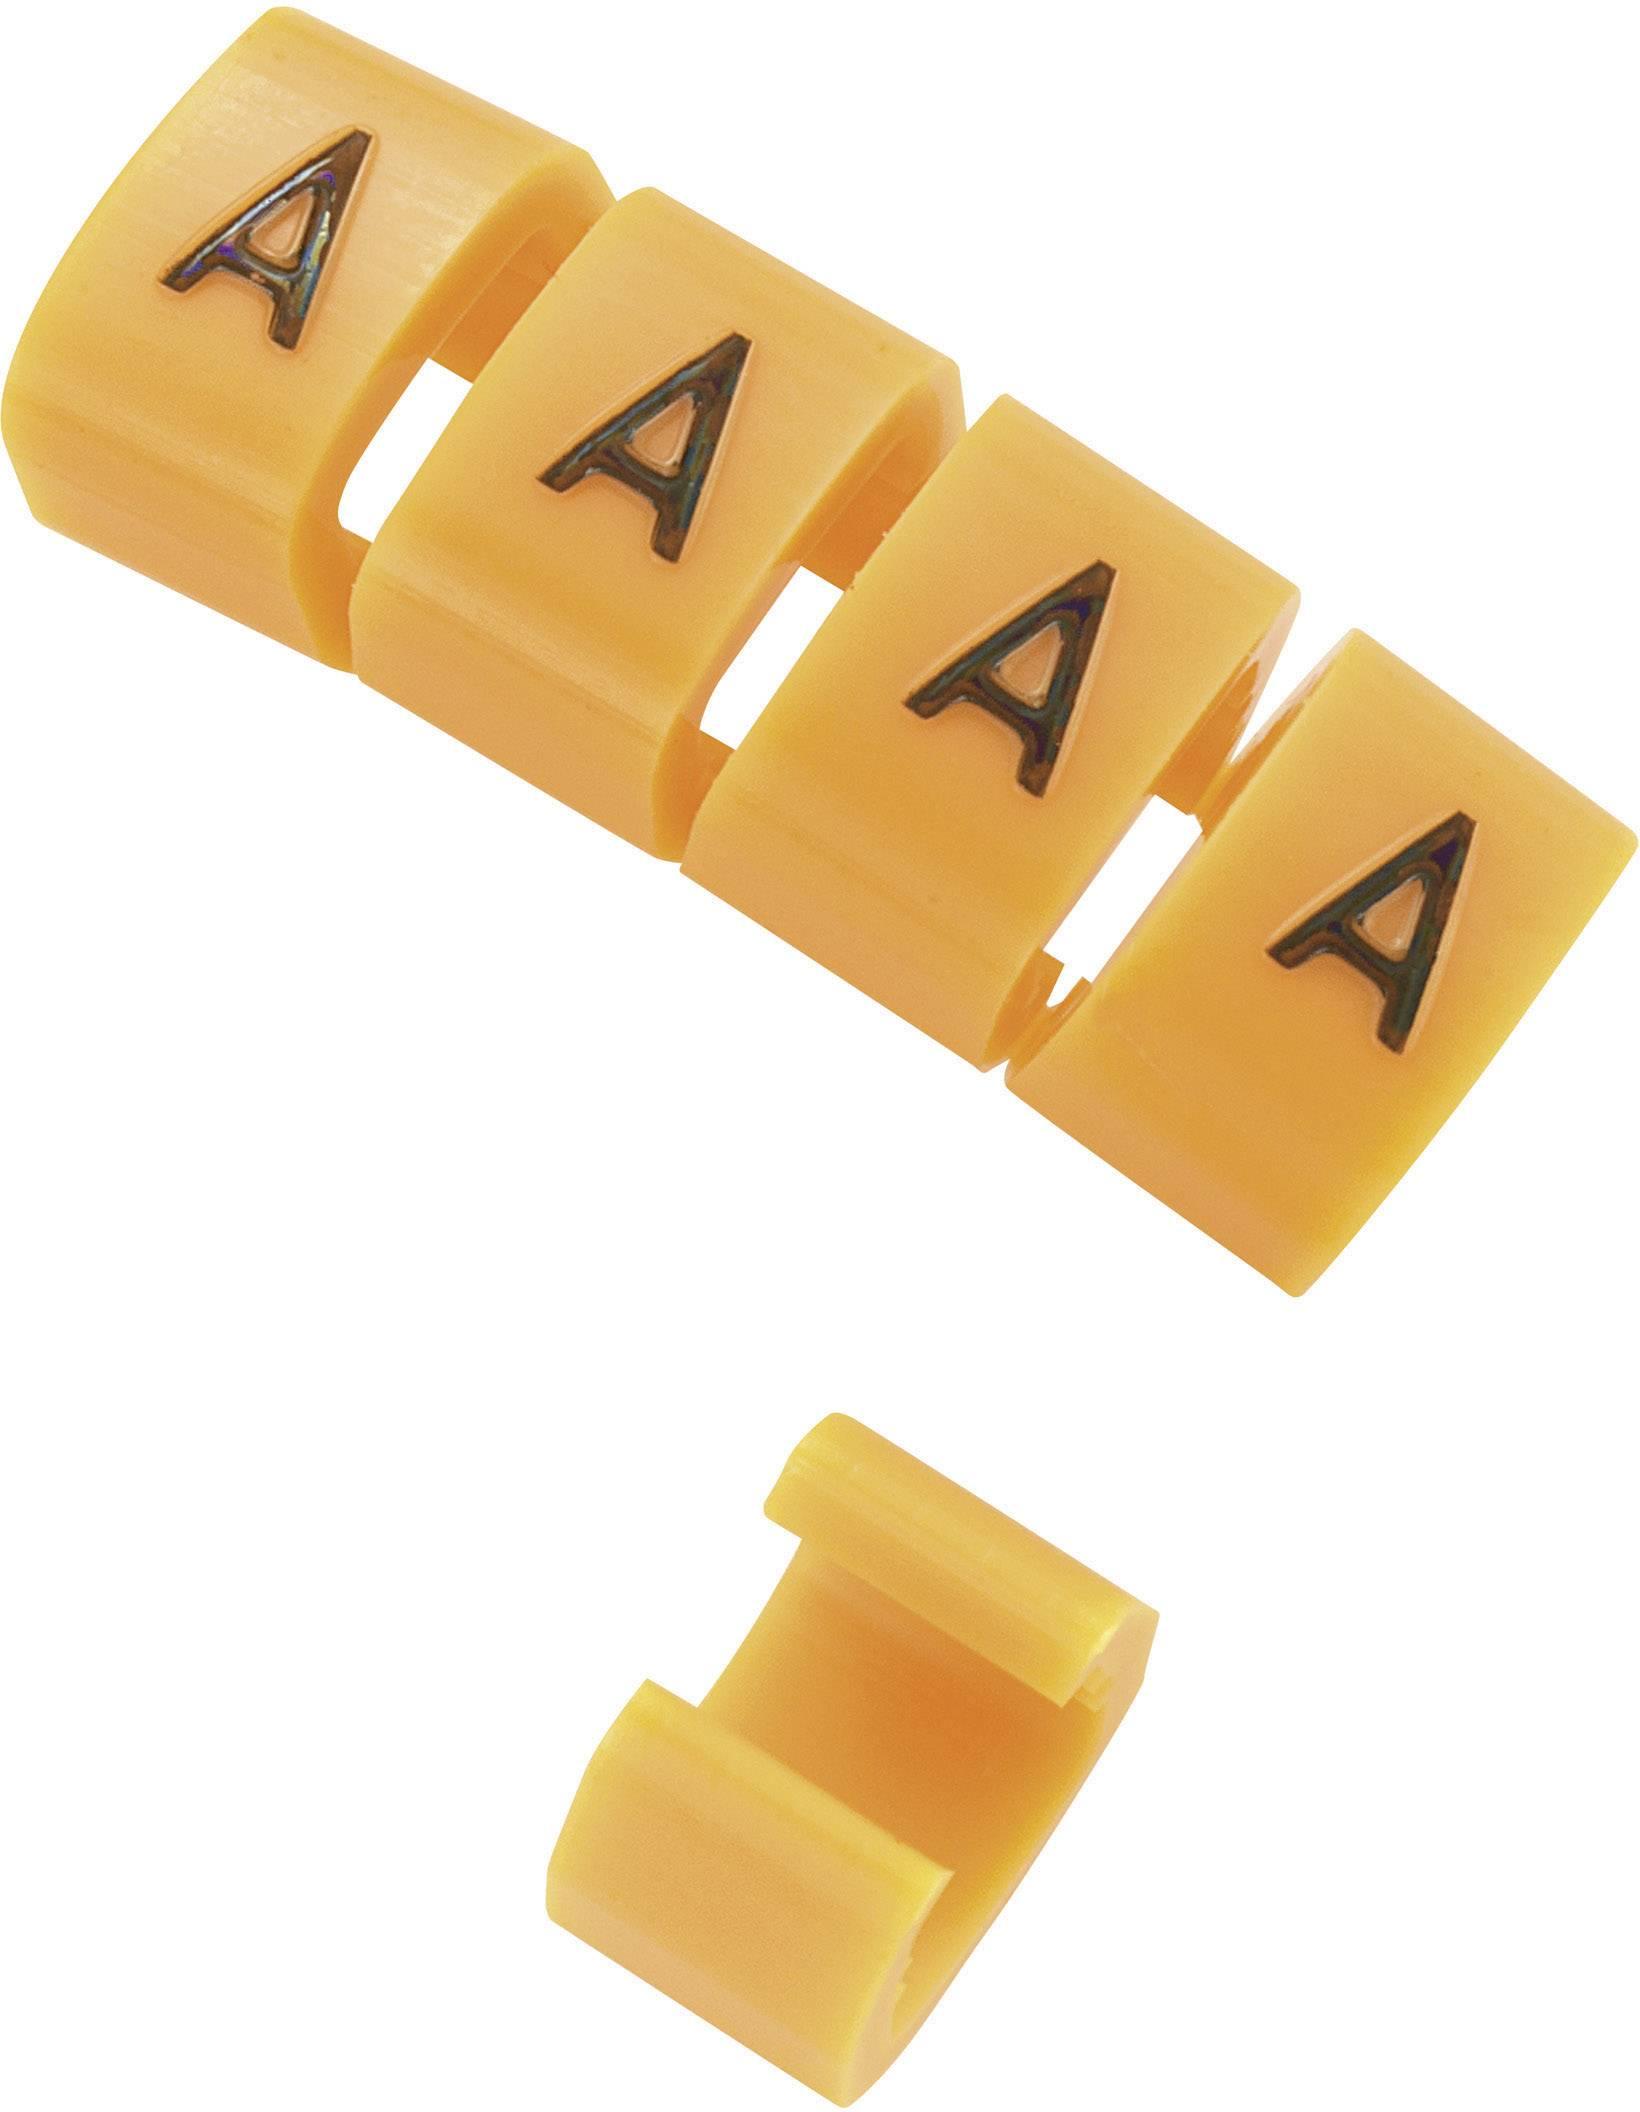 Označovacie objímka na káble KSS MB2/E, oranžová, 10 ks